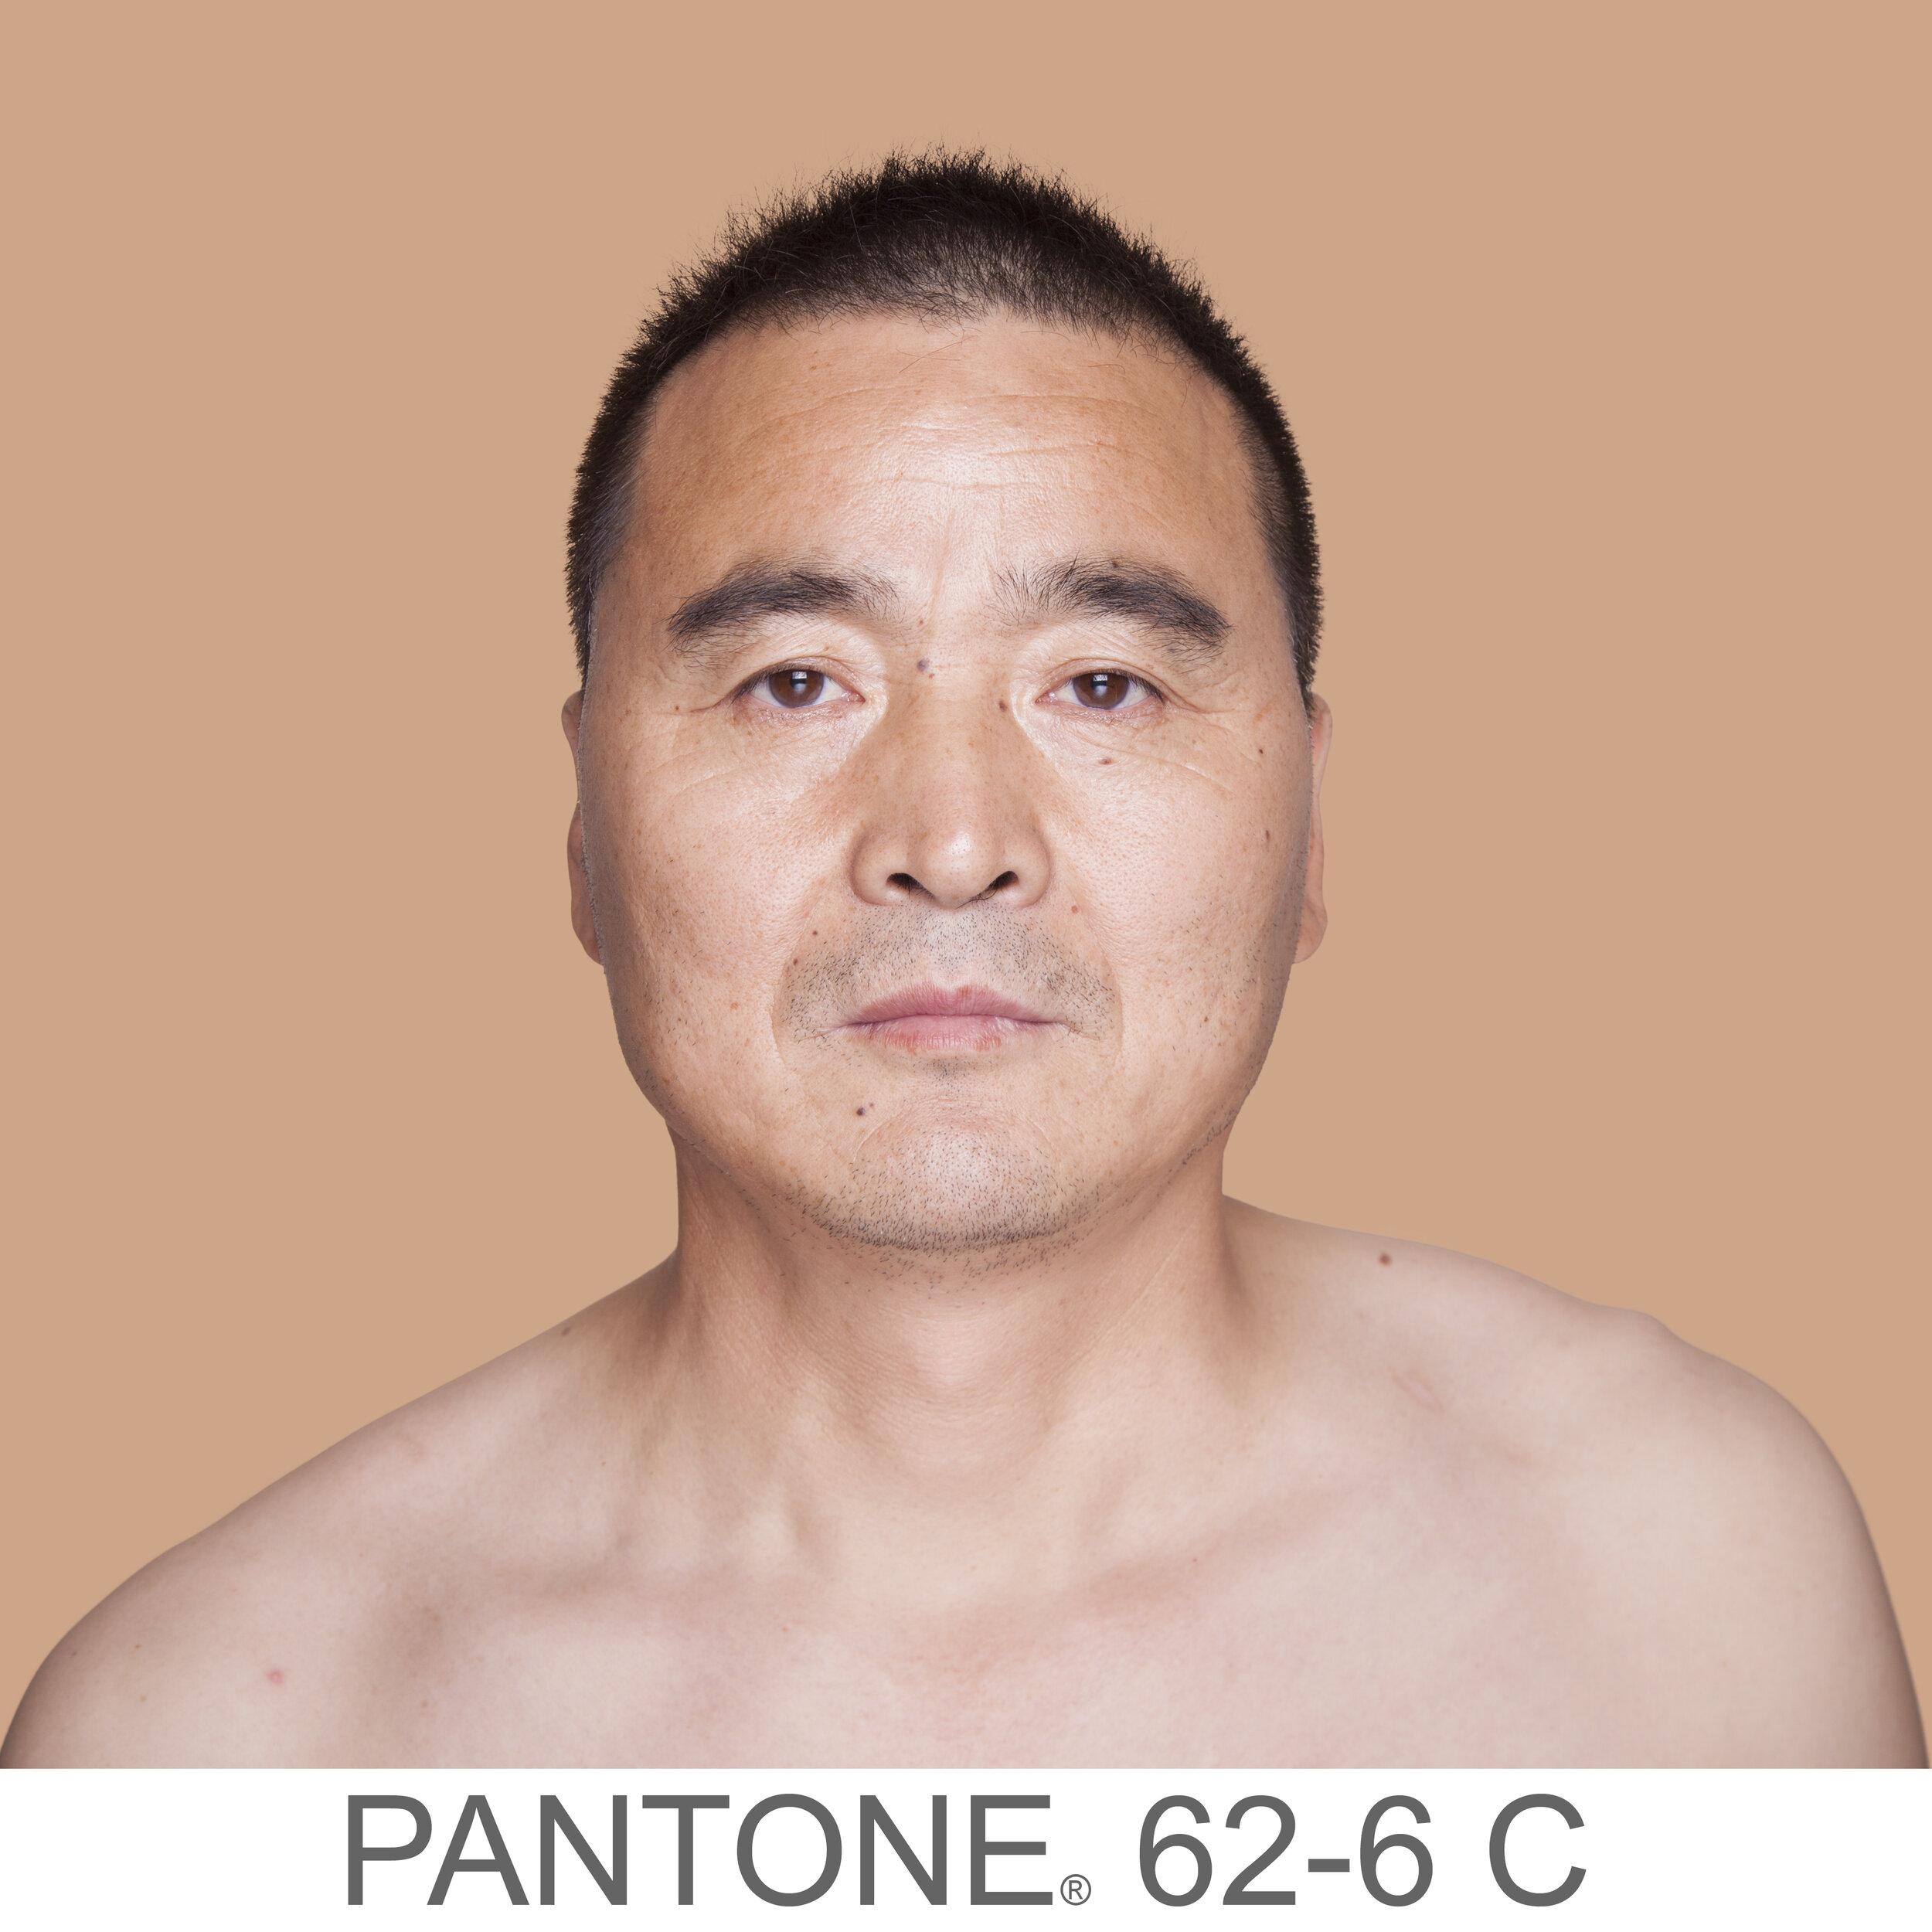 humanae 62-6 C2 CN copia.jpg